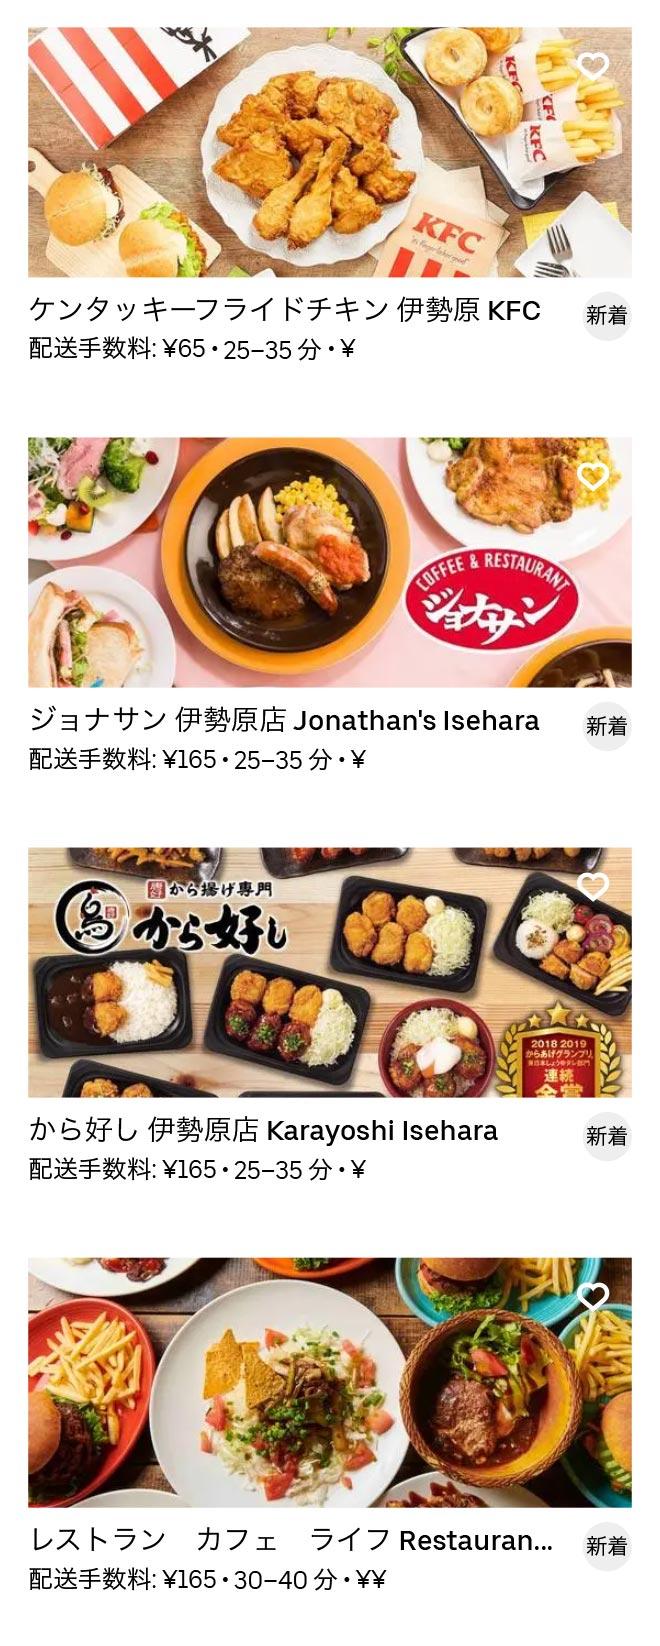 Esehara menu 2010 02